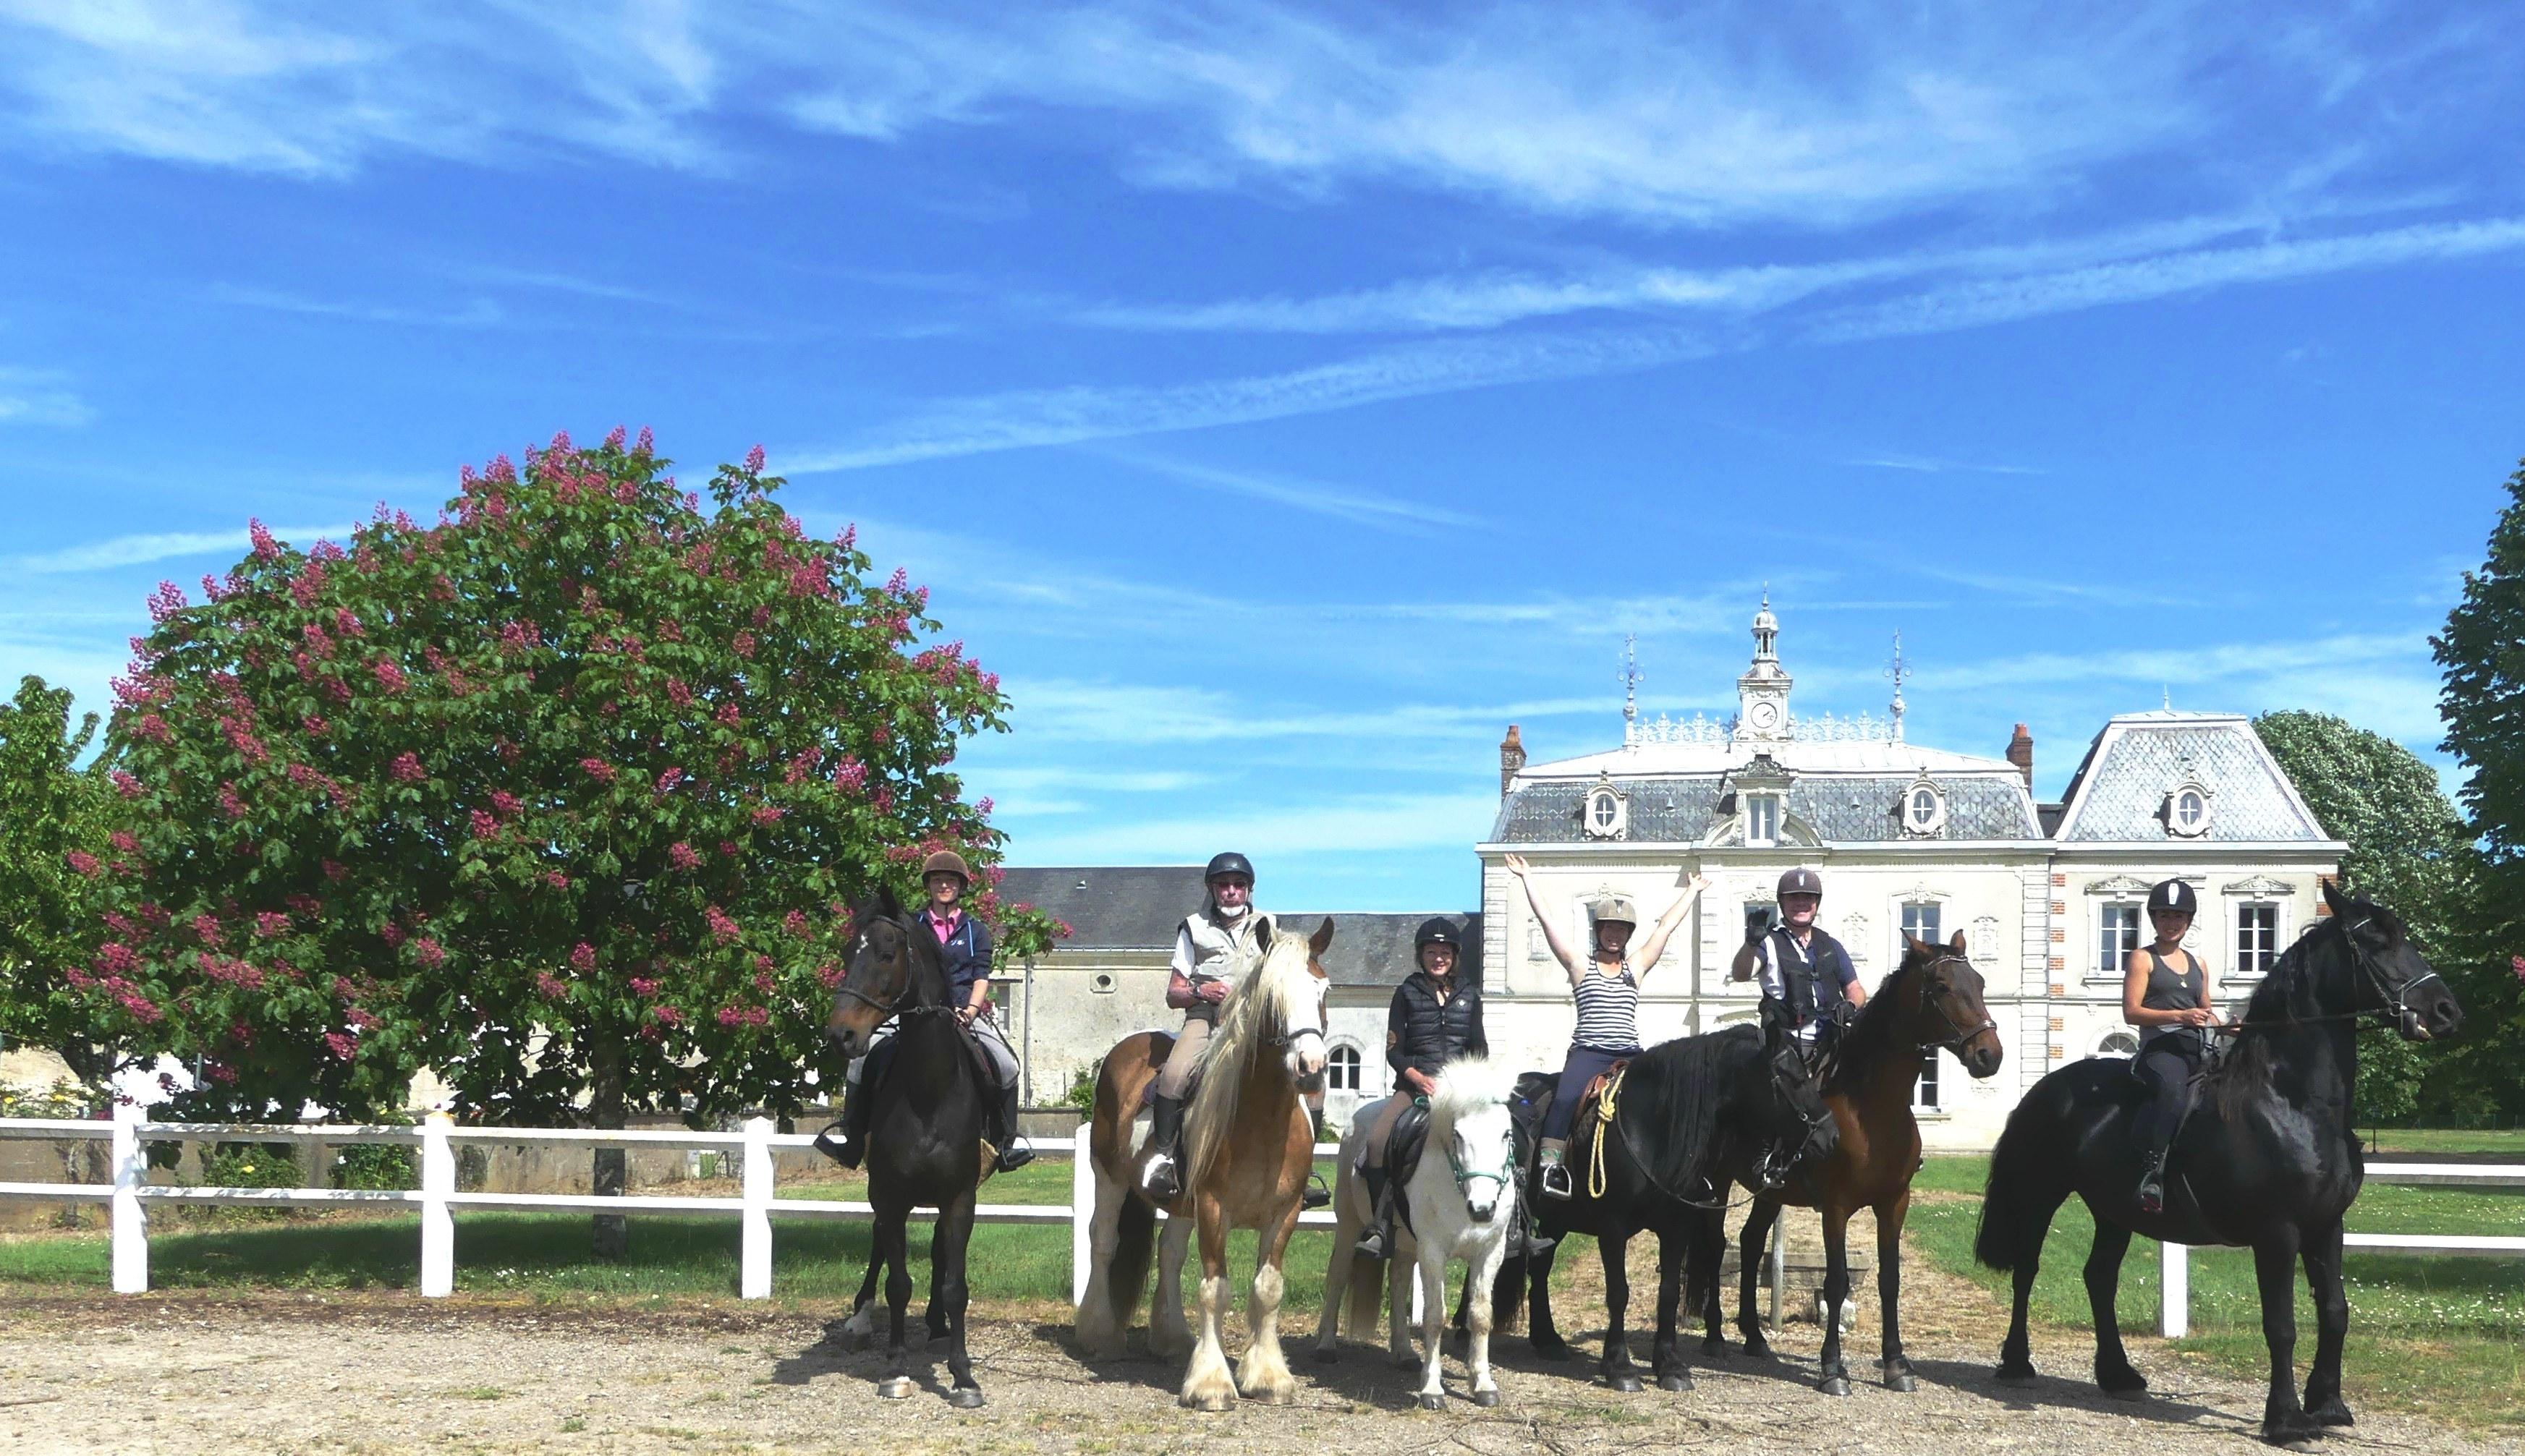 Randonnee a cheval au chateau de l'aulee - Touraine Cheval